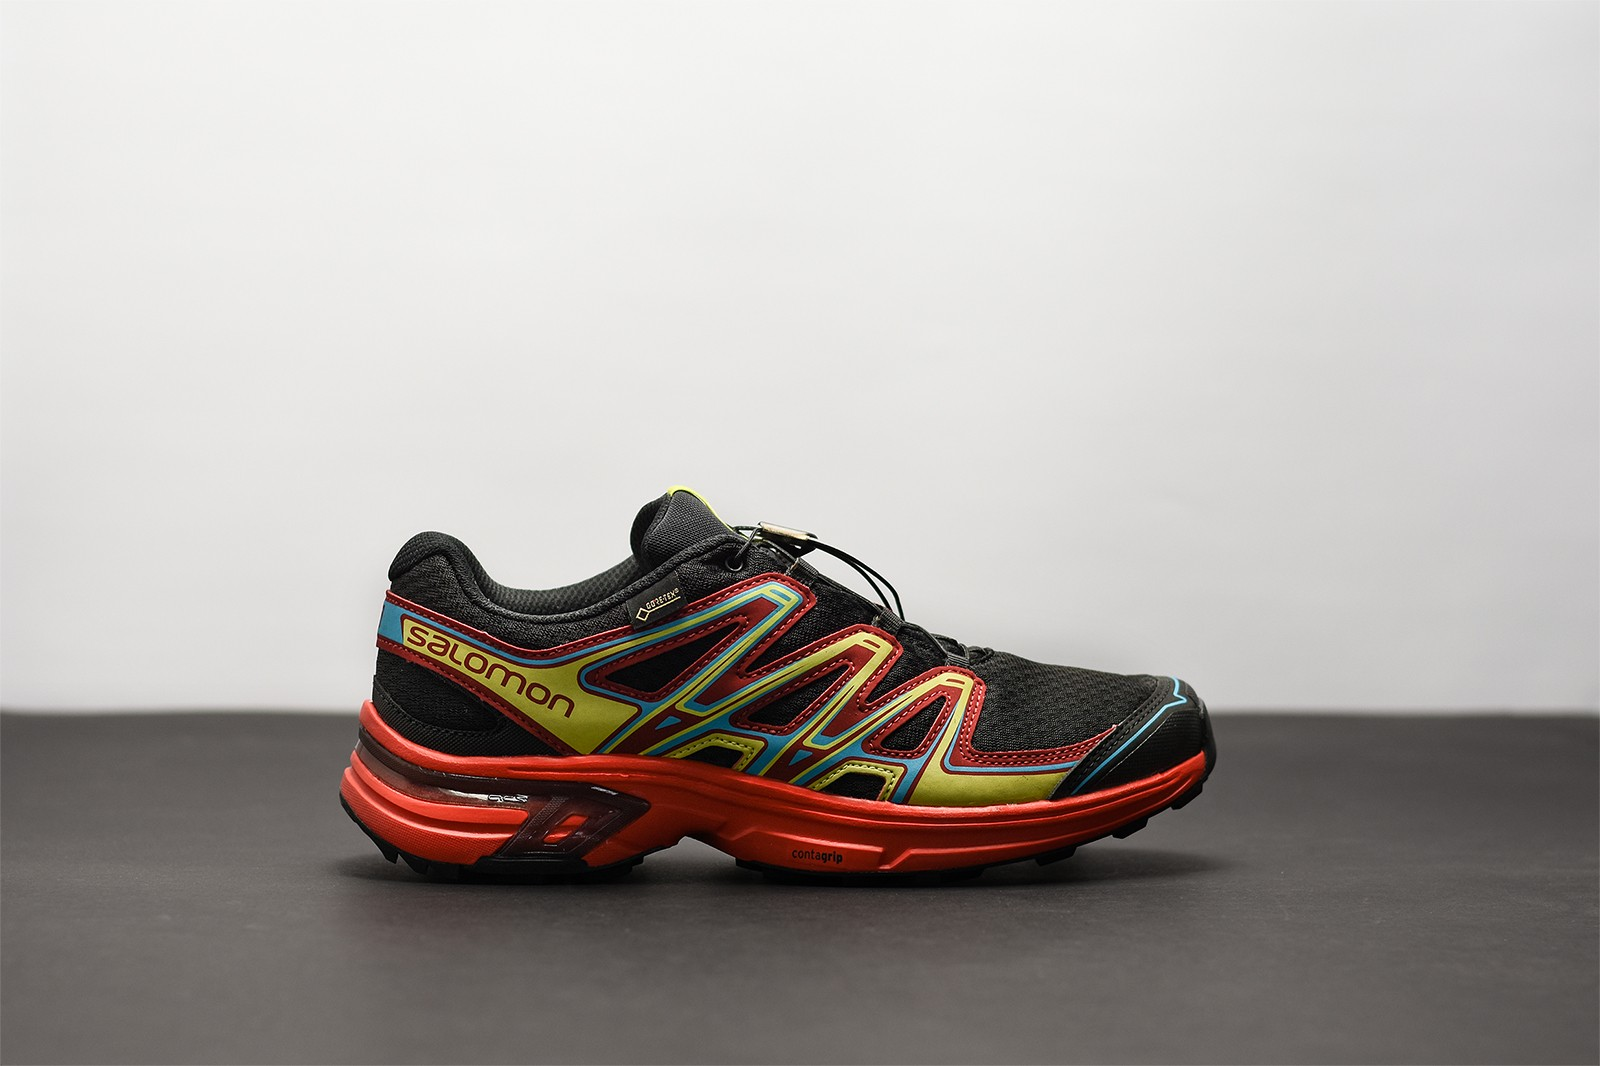 Pánské Běžecké boty Salomon WINGS FLYTE 2 GTXR Bk FIERY RE  36a35f0d7f